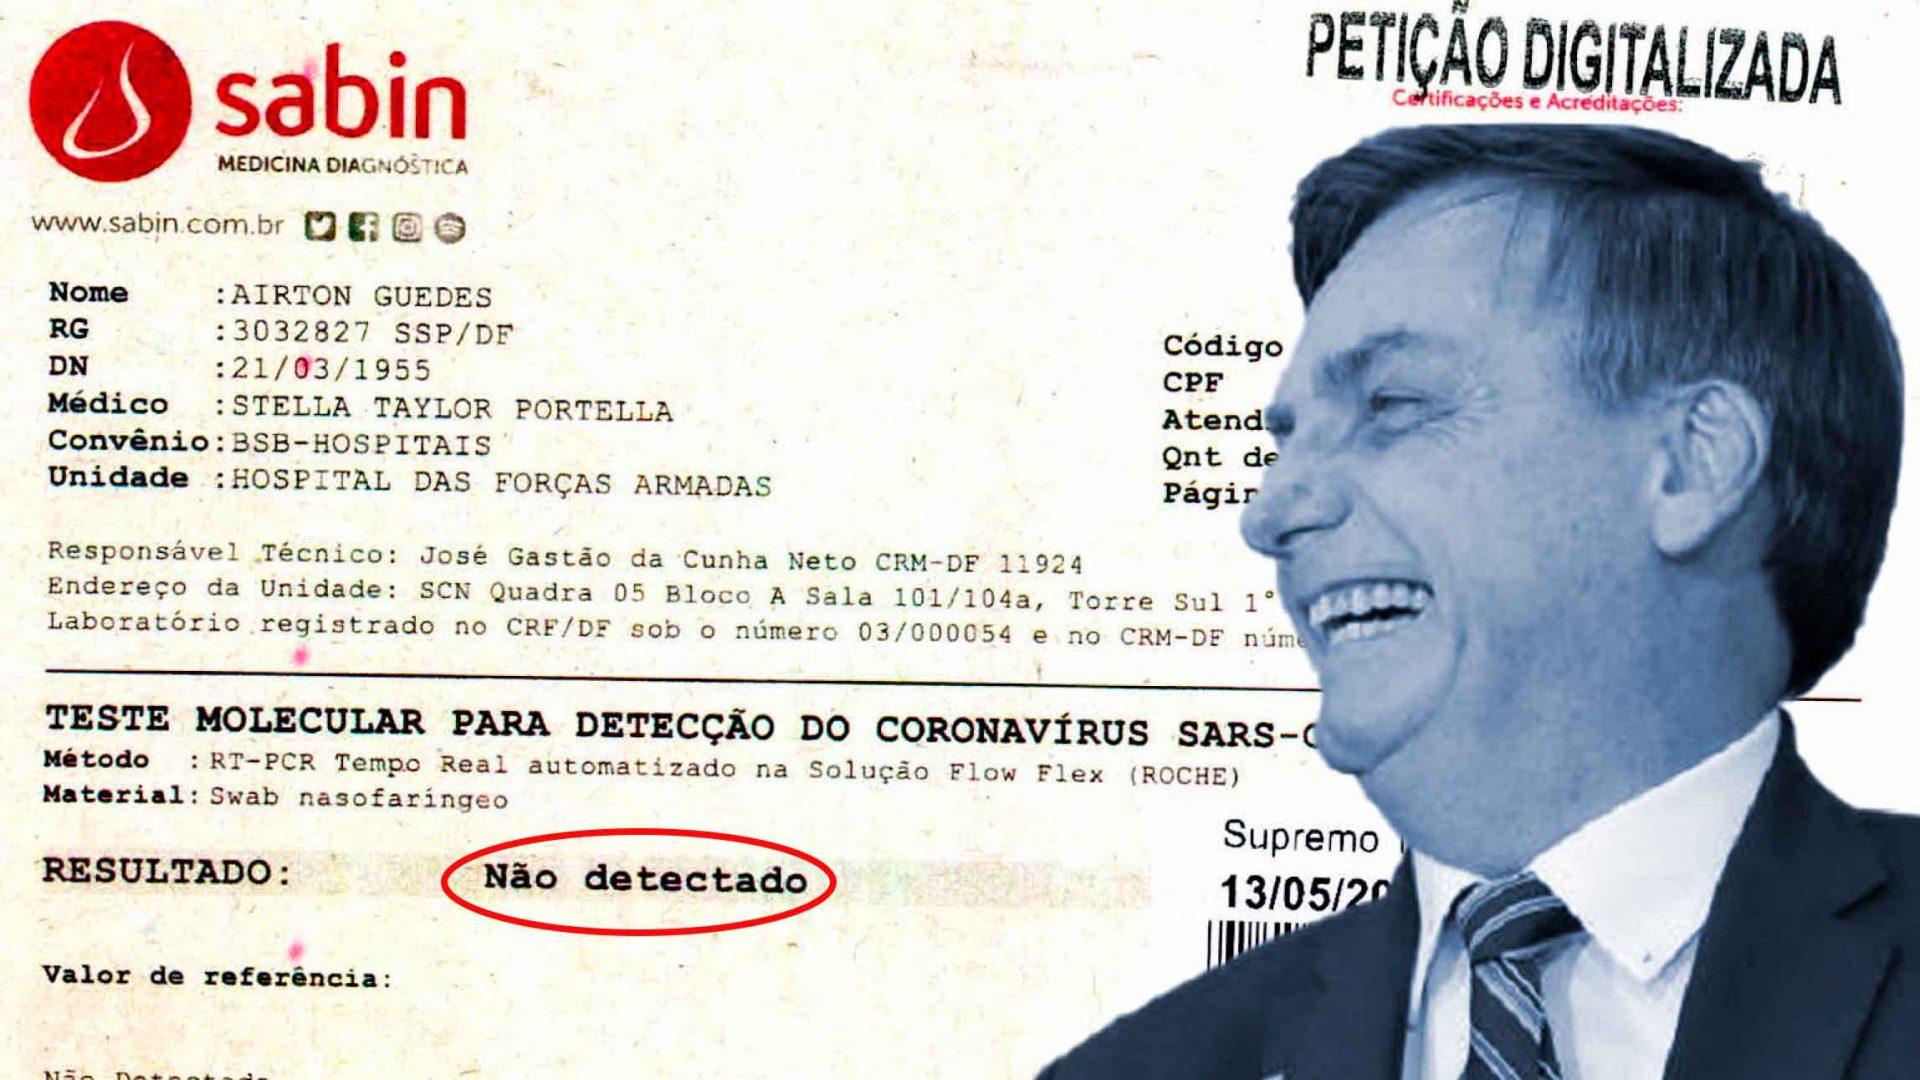 BARREIRAS DE ACESSO A DADOS EM MEIO À PANDEMIA:  o caso do acesso ao exame de COVID-19 do Presidente da República